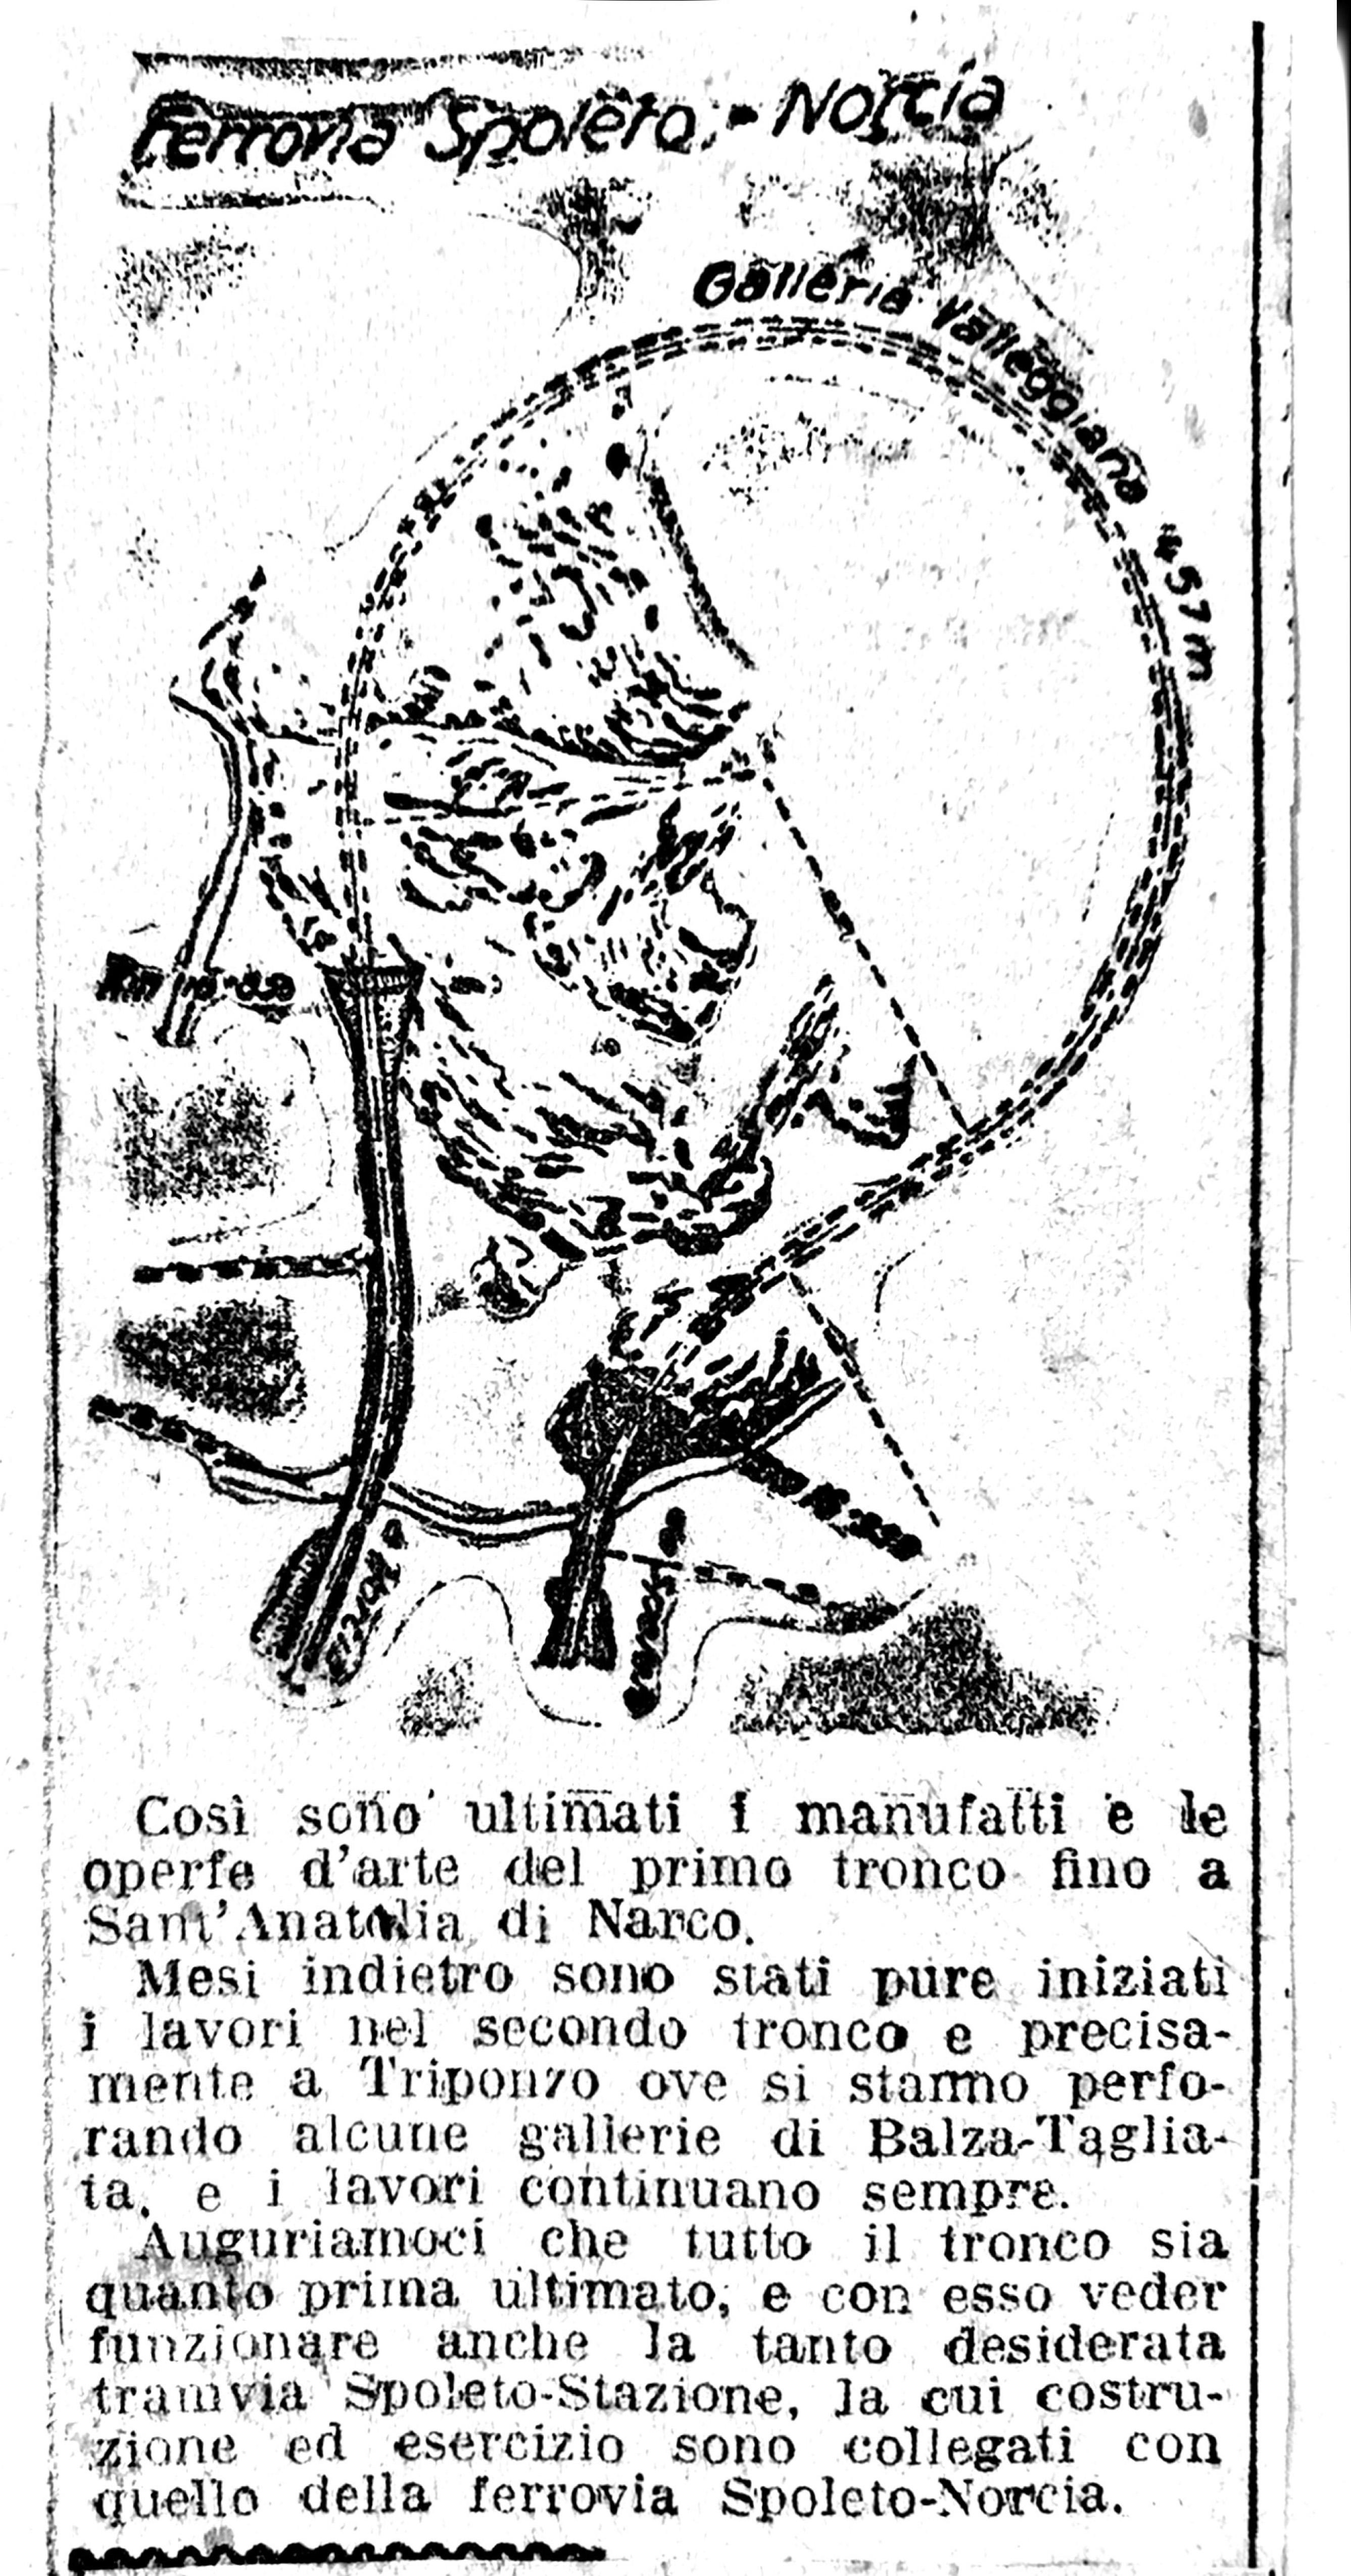 Il Messaggero 21 febbraio 1921 (2)